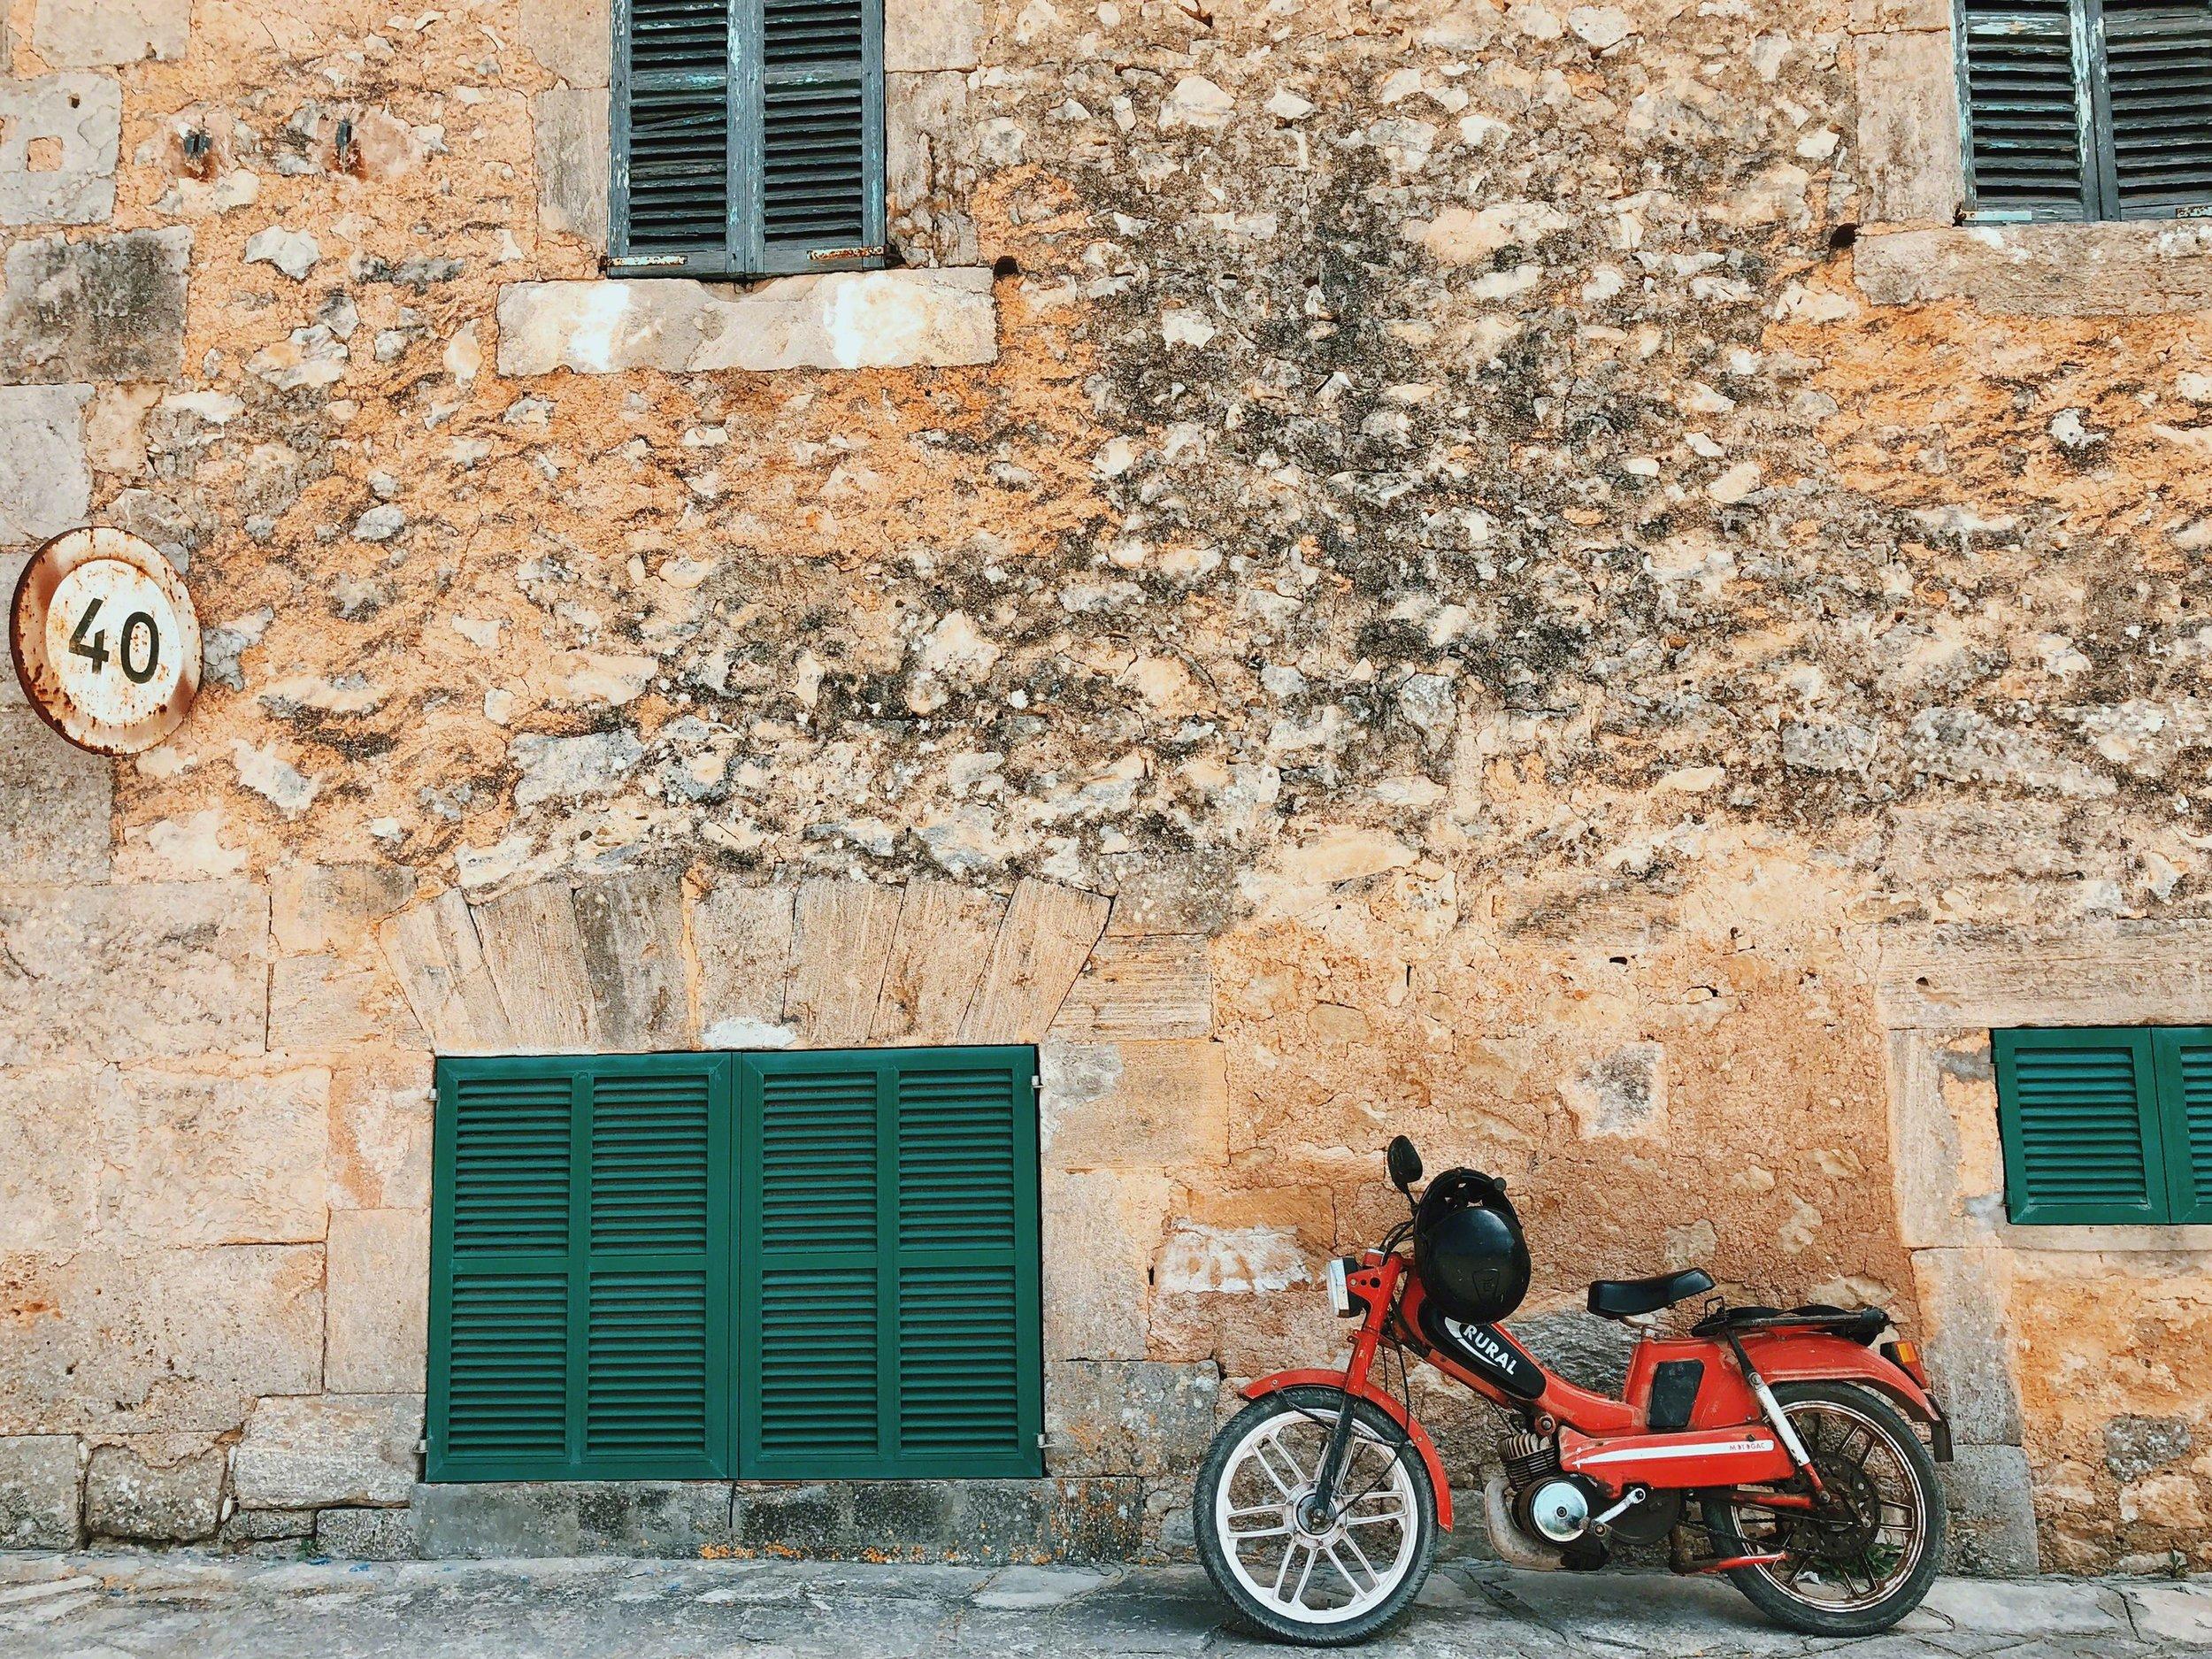 spain-montuiri-mallorca-09.jpg